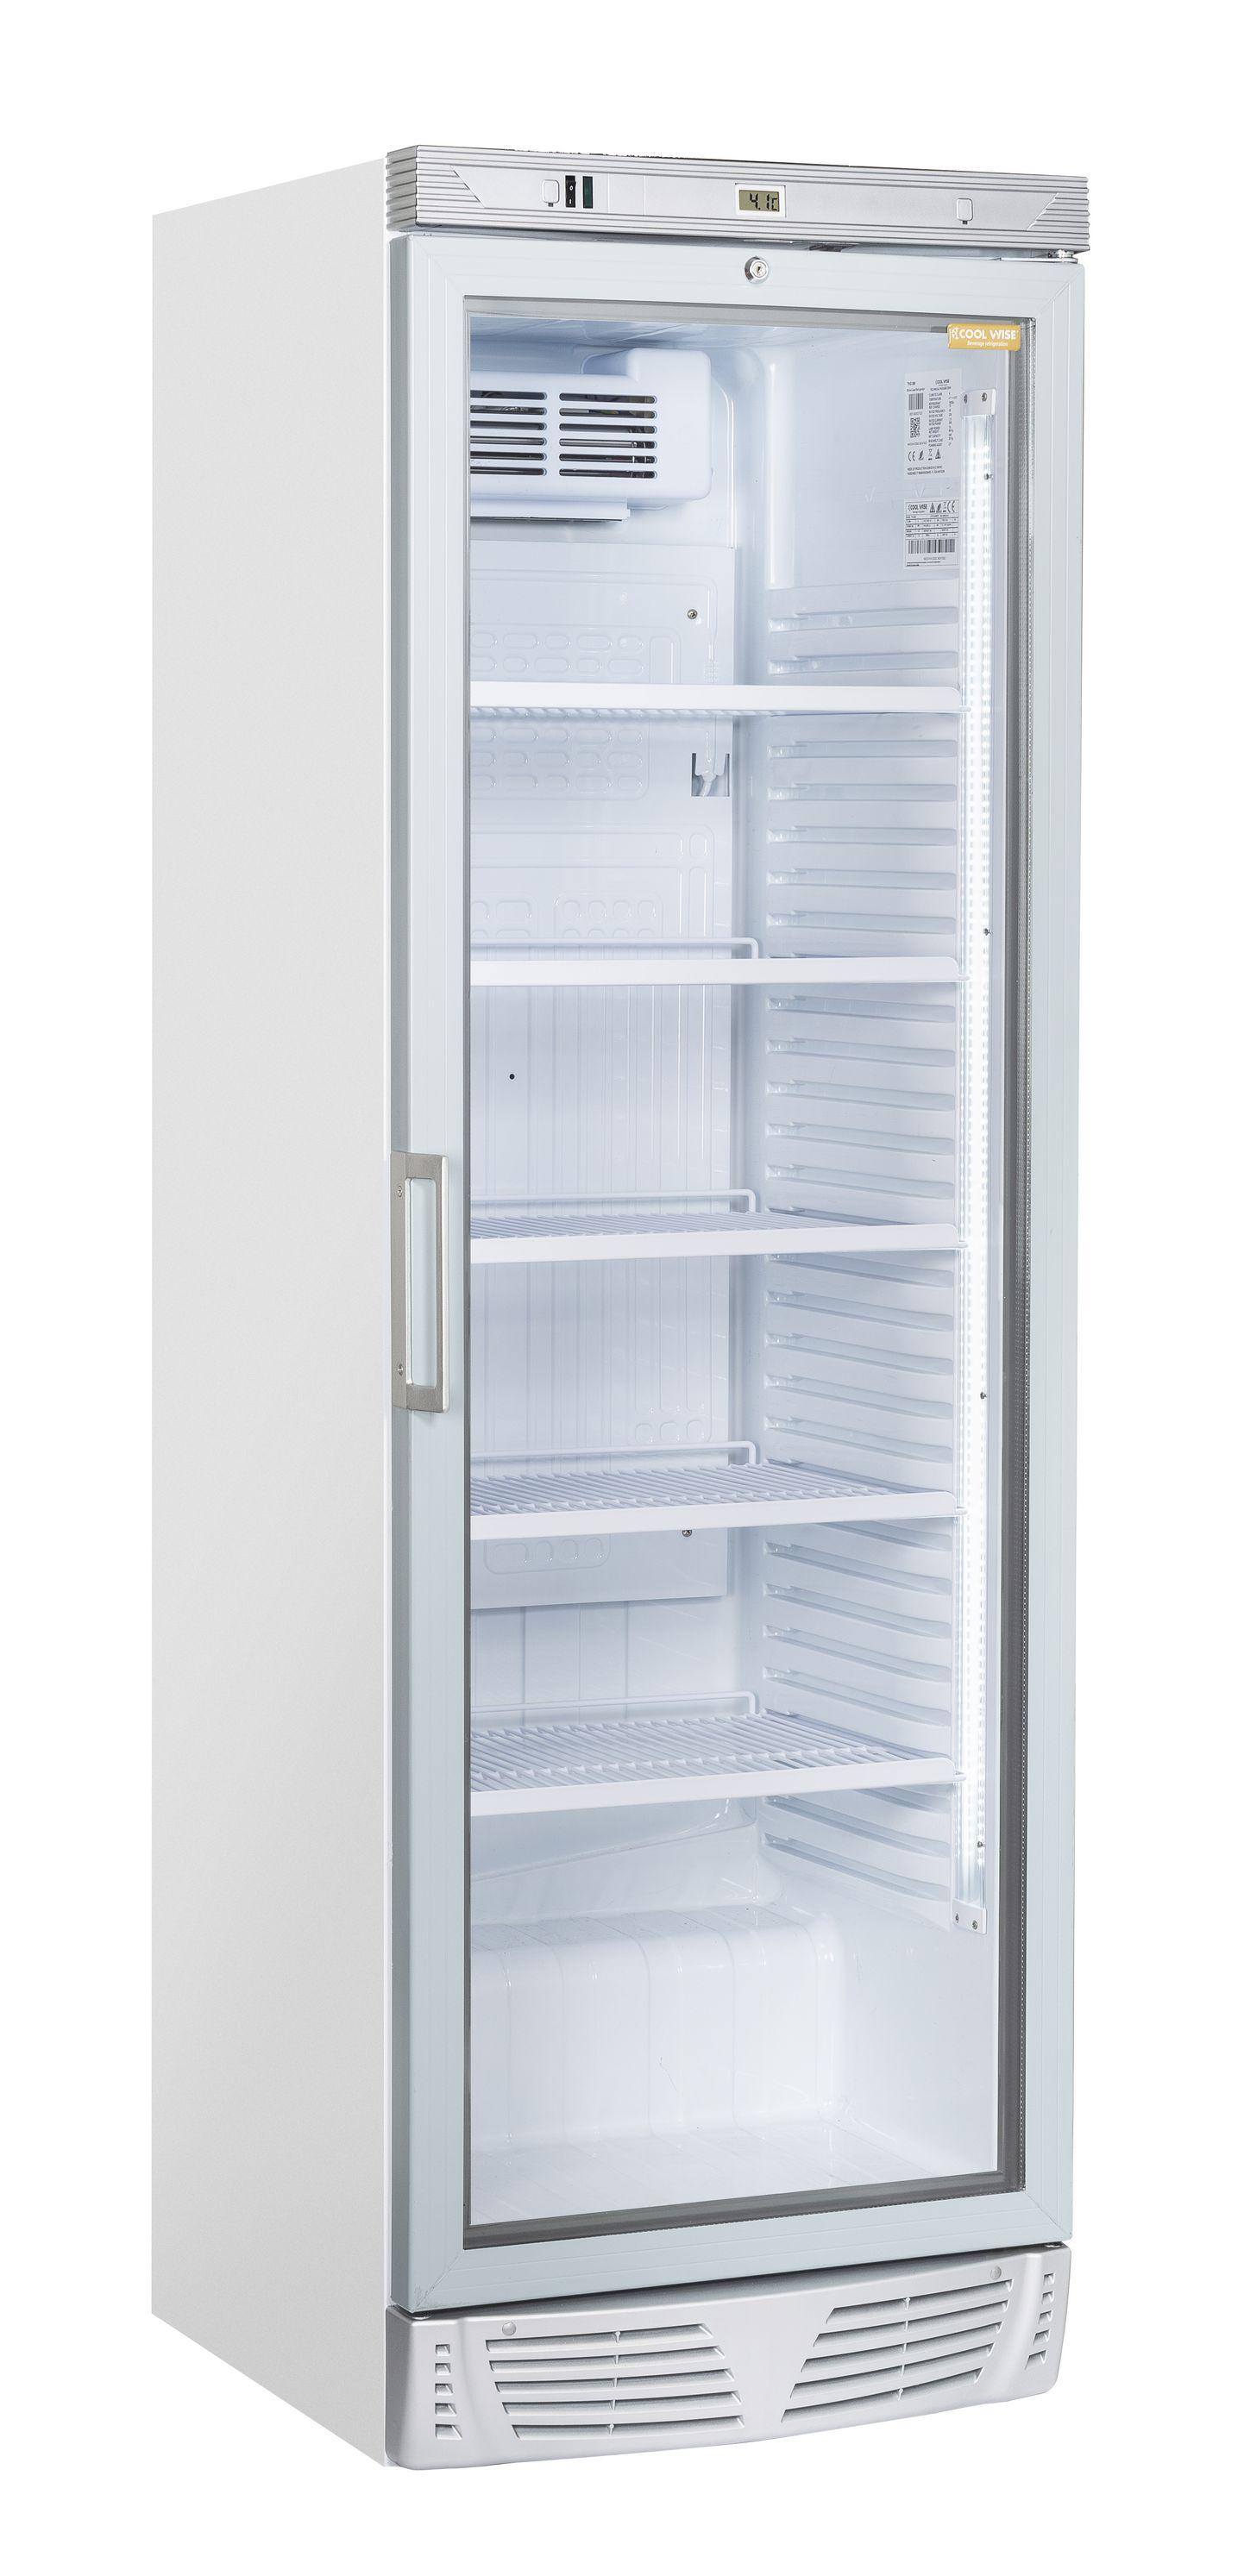 350 literes hűtő, ventilációs hűtéssel, üveg ajtóval, fehér